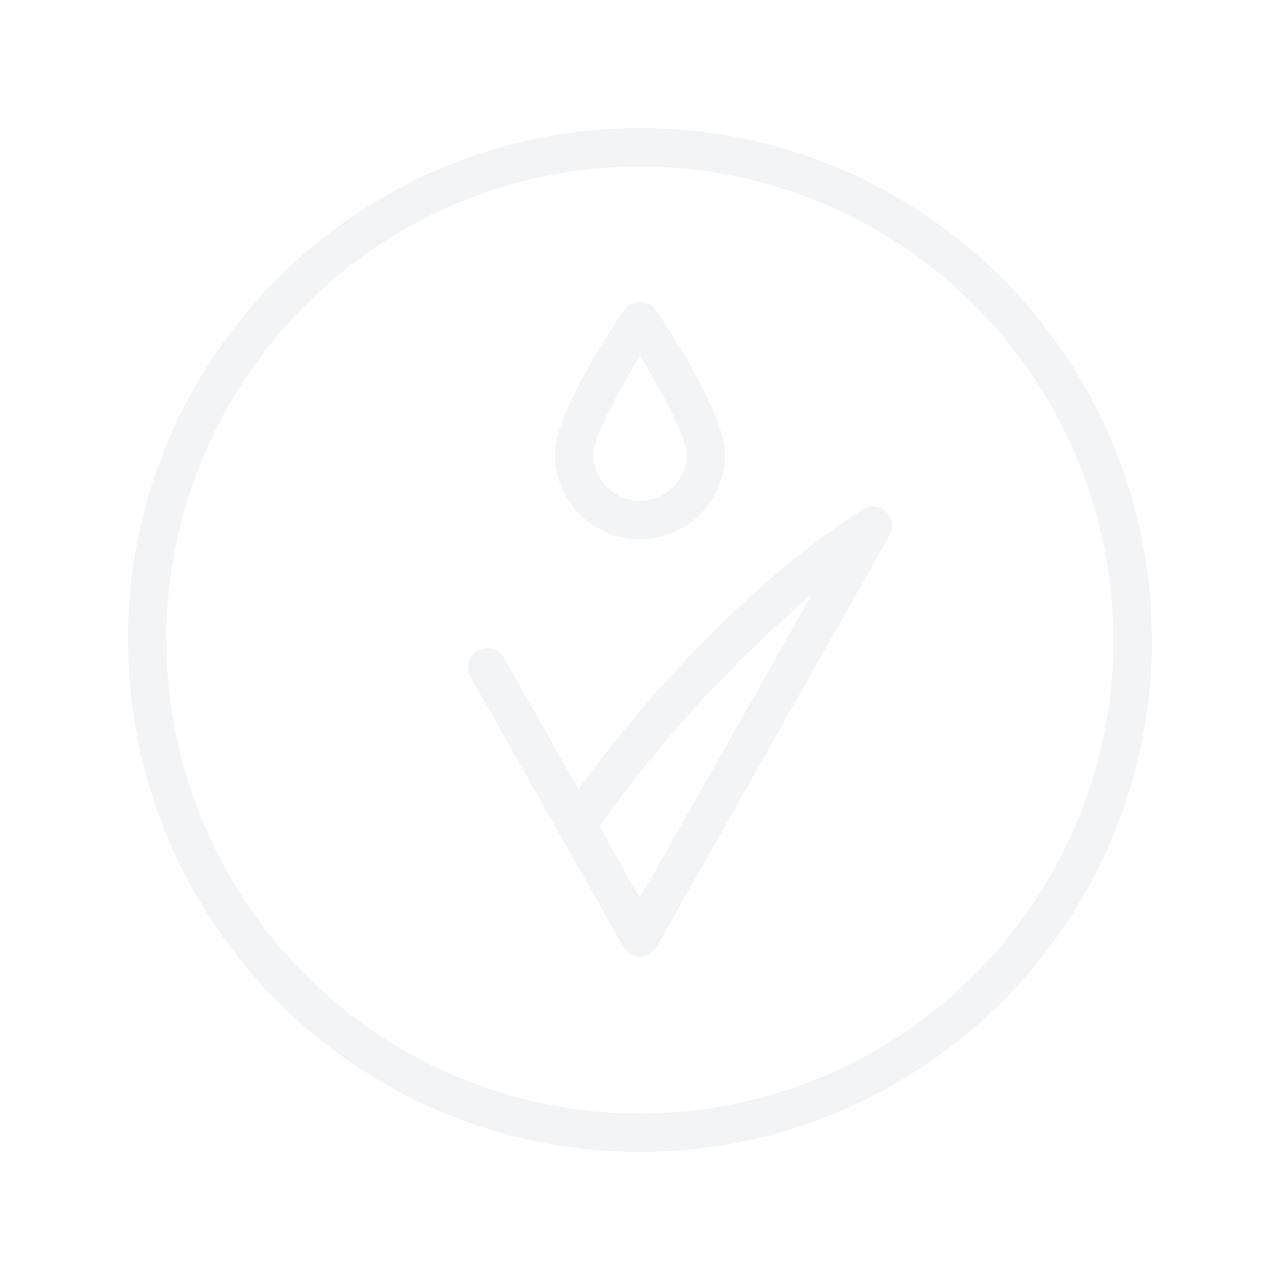 ALESSANDRO Nail Polish No.103 Milky Dream 5ml